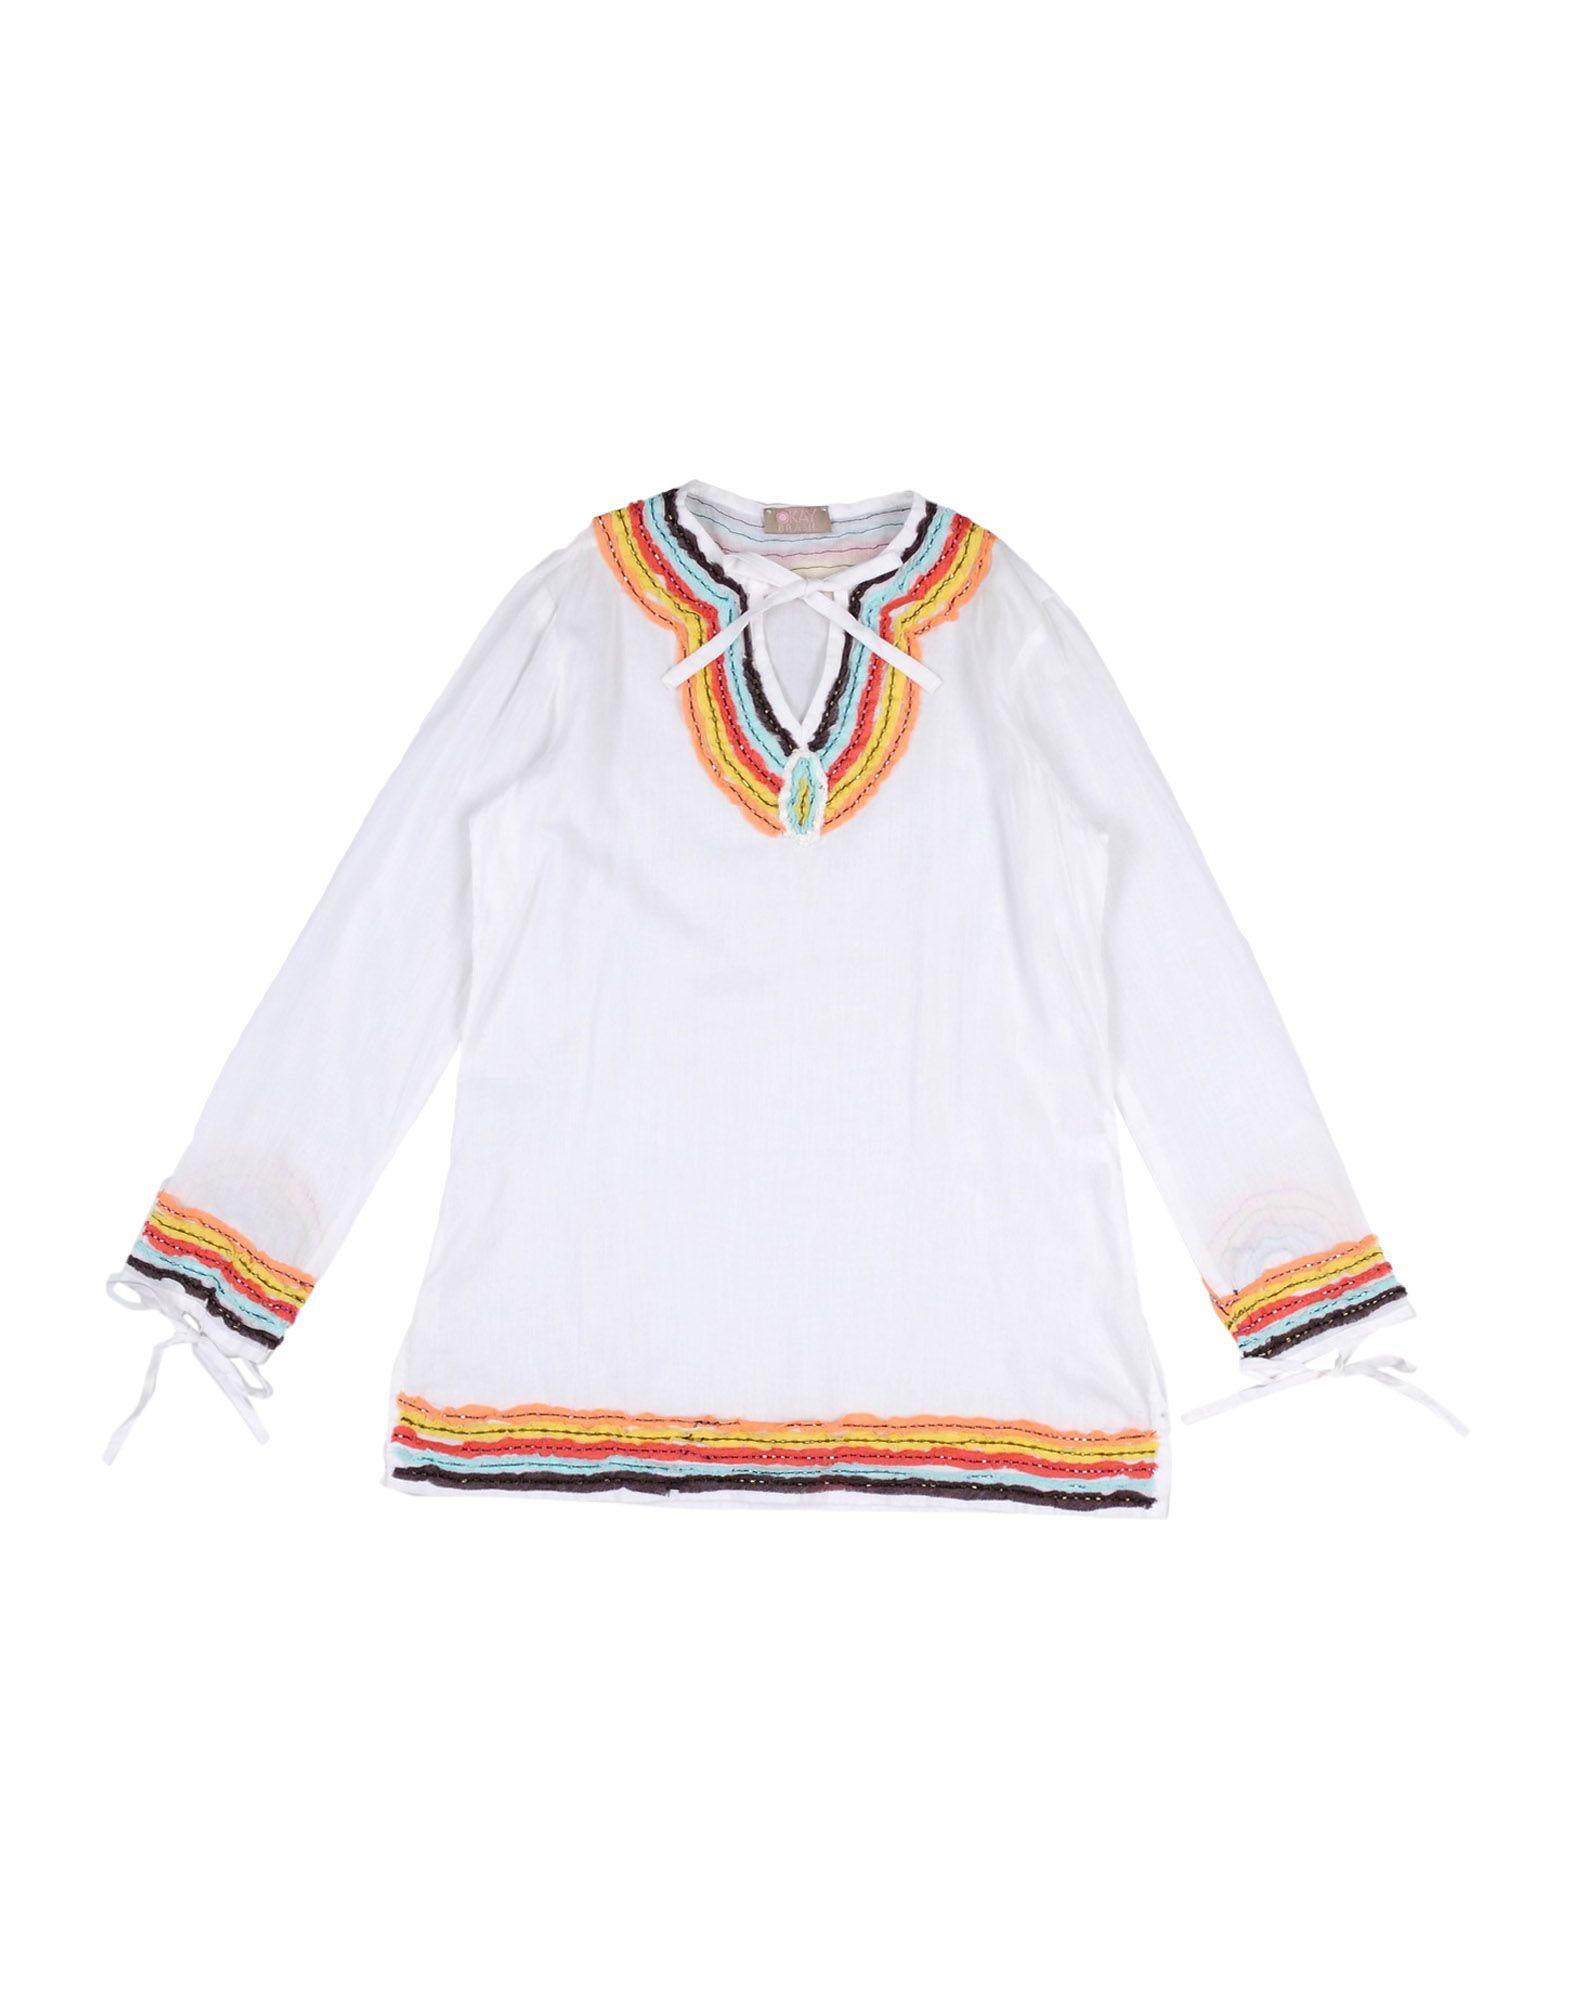 《送料無料》OKAY BRASIL KIDS ガールズ 3-8 歳 ビーチドレス ホワイト 6 コットン 100%